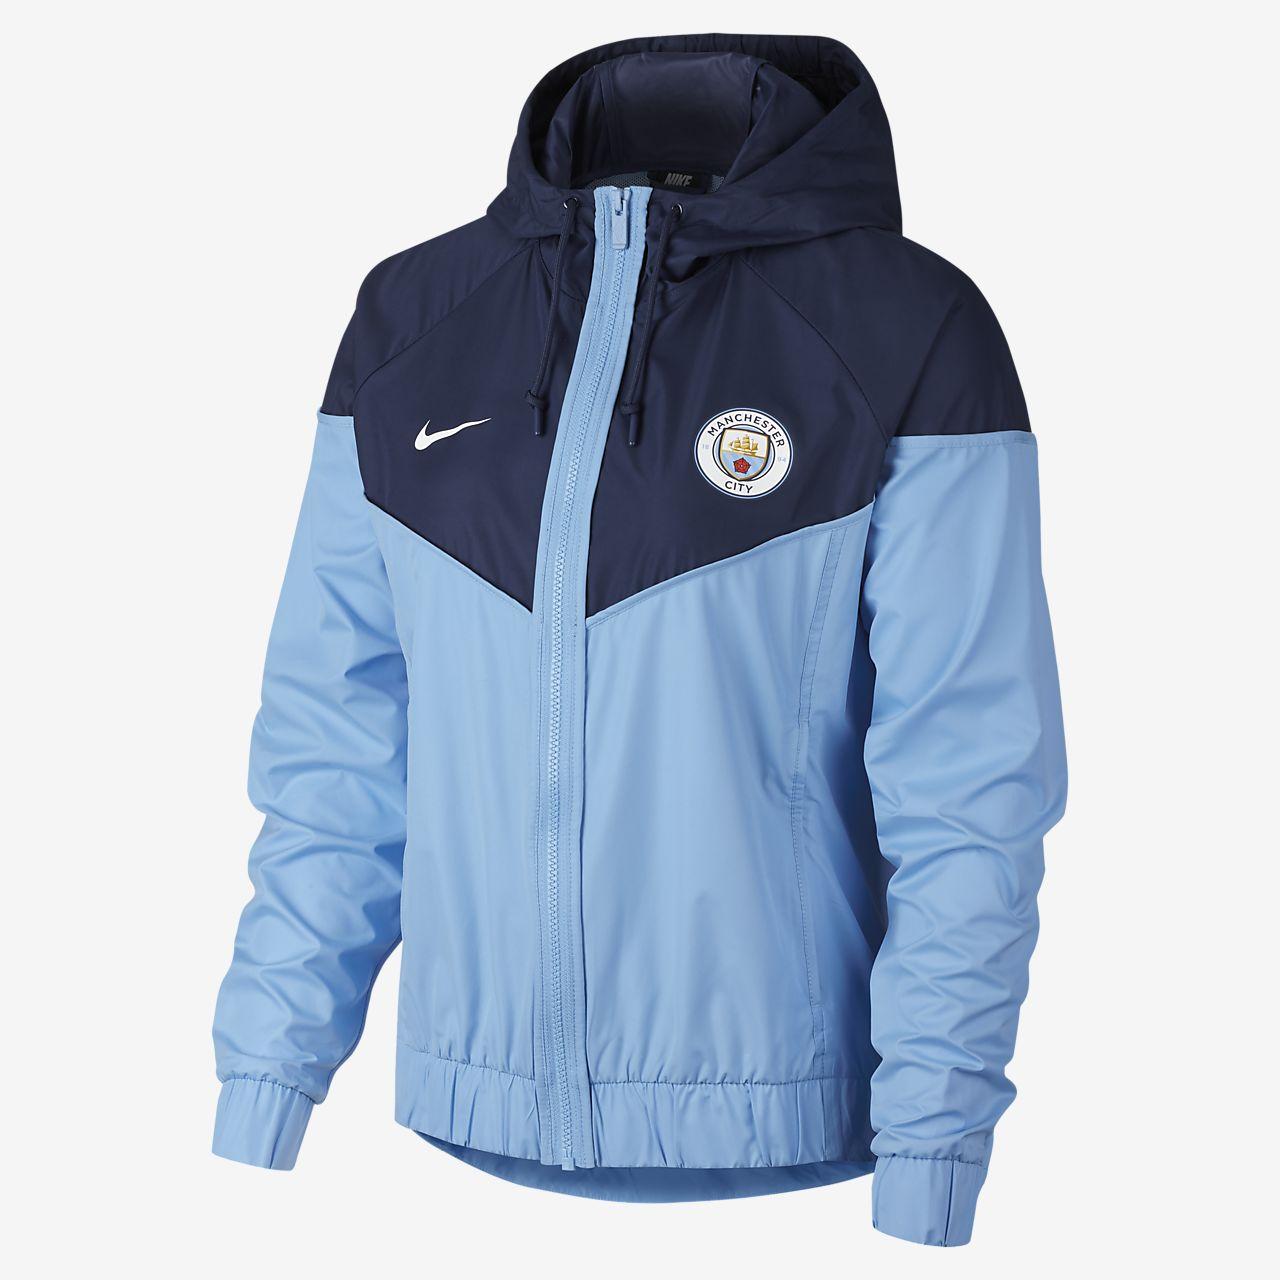 fab232333d94 Manchester City FC Windrunner Women s Jacket. Nike.com LU